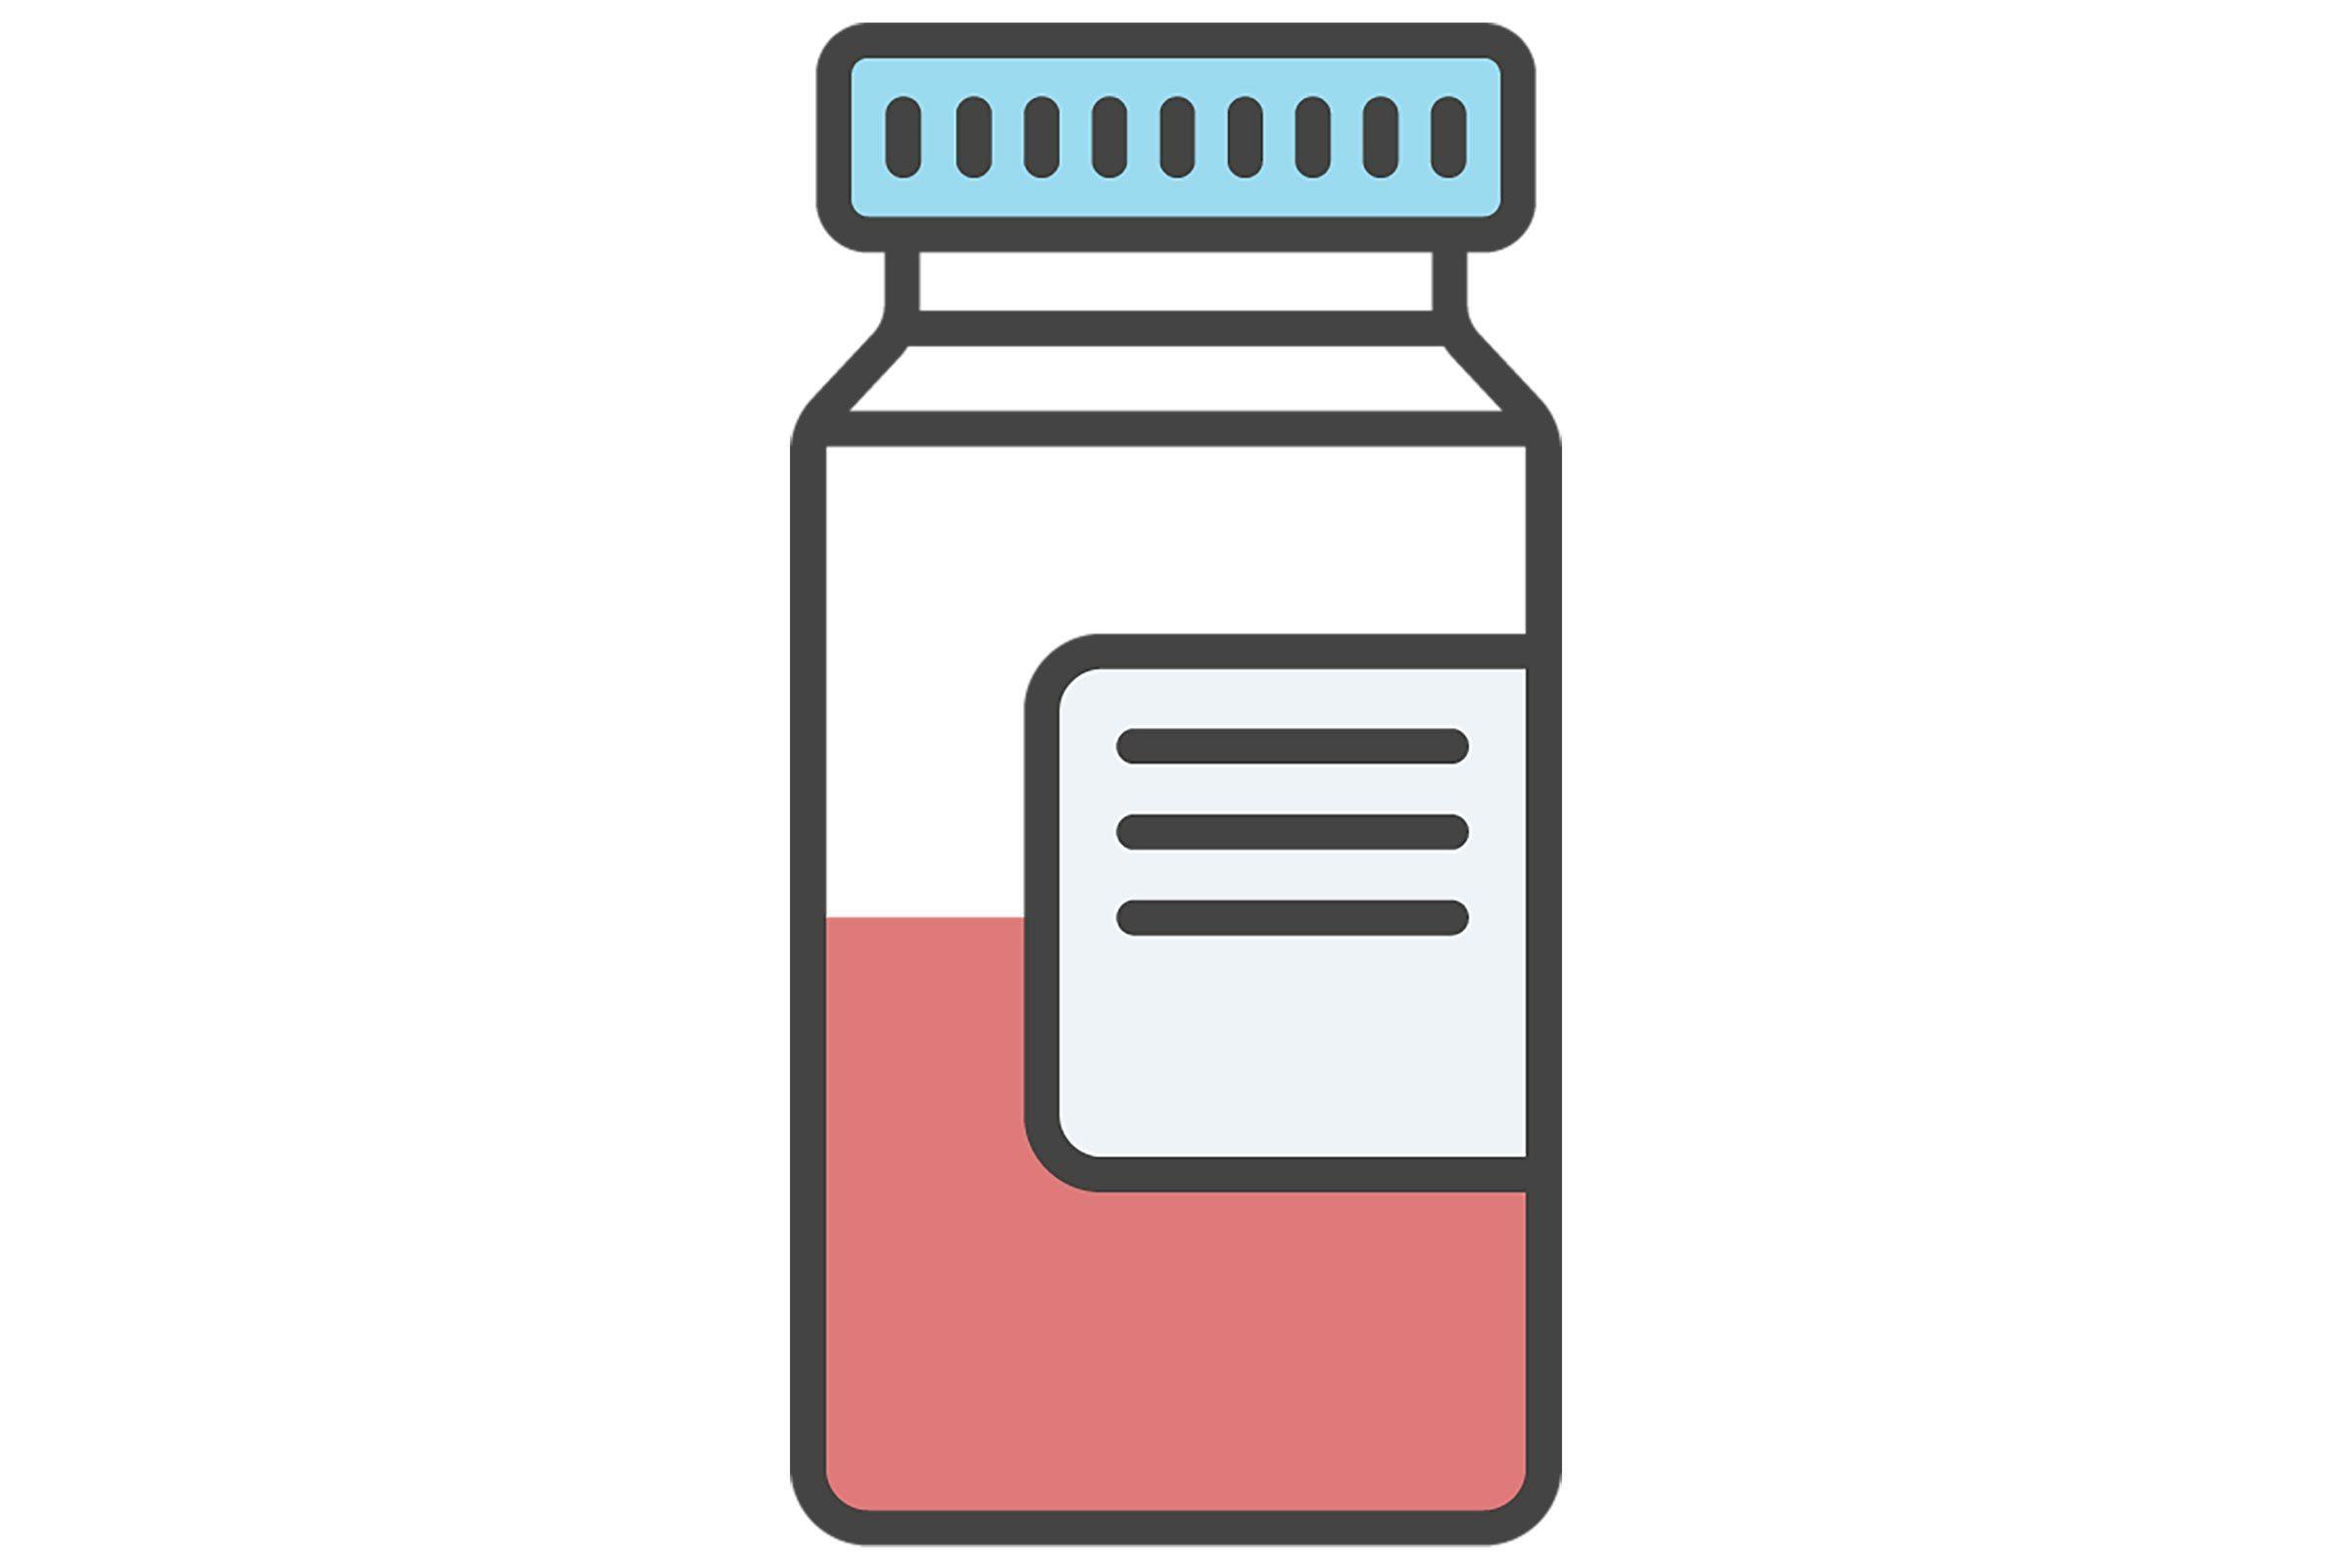 N'oubliez pas de prendre votre médicament